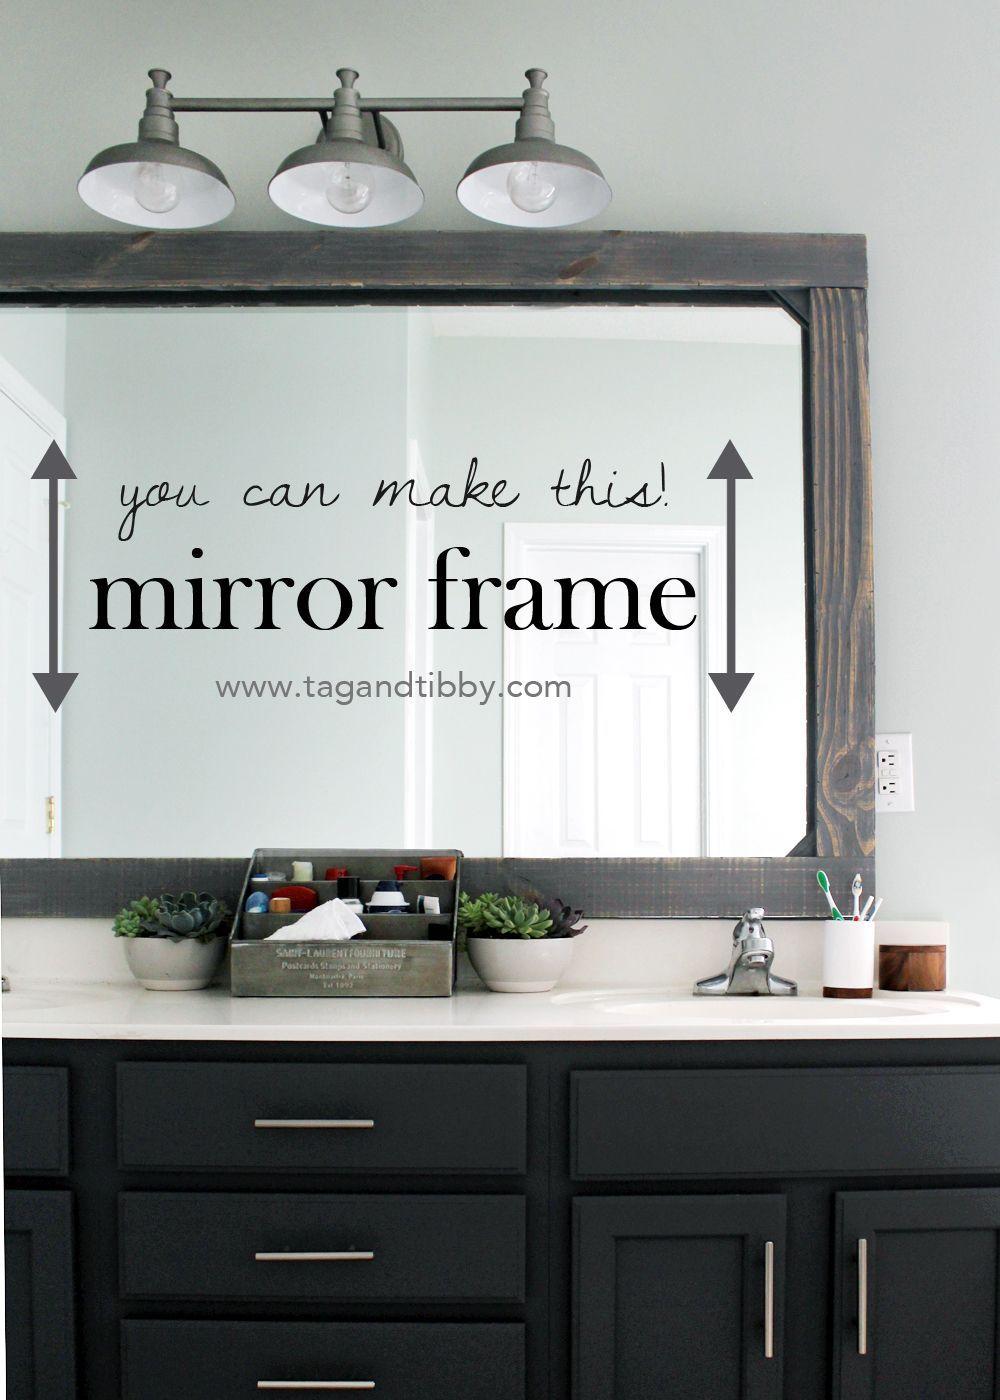 Diy rustic wood mirror frame bathroom mirror ideas and decor